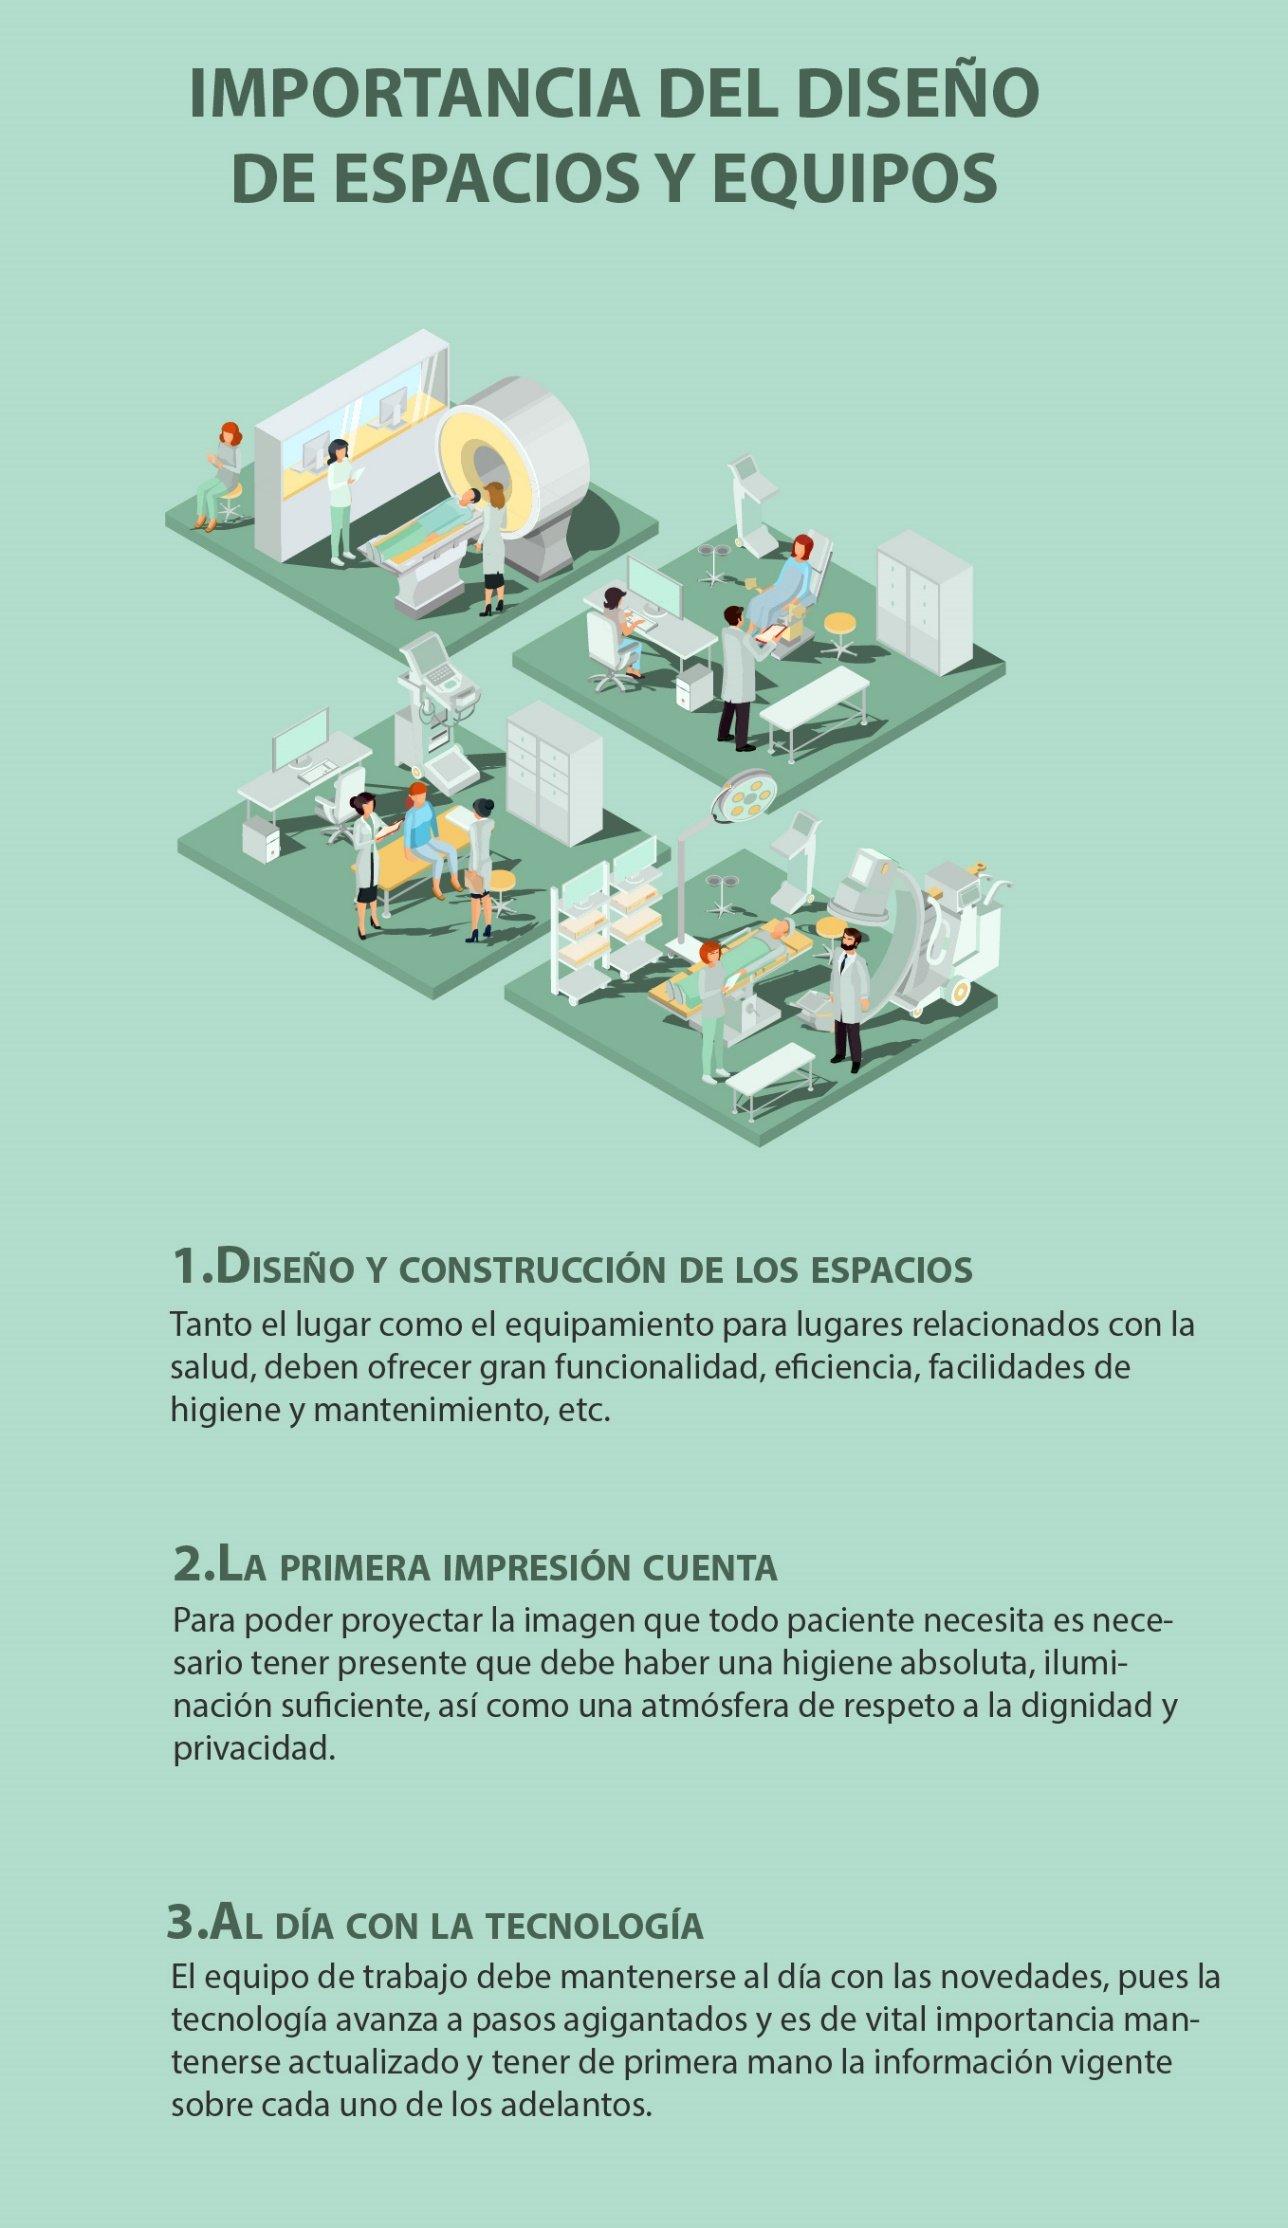 Diseño y construcción de espacios